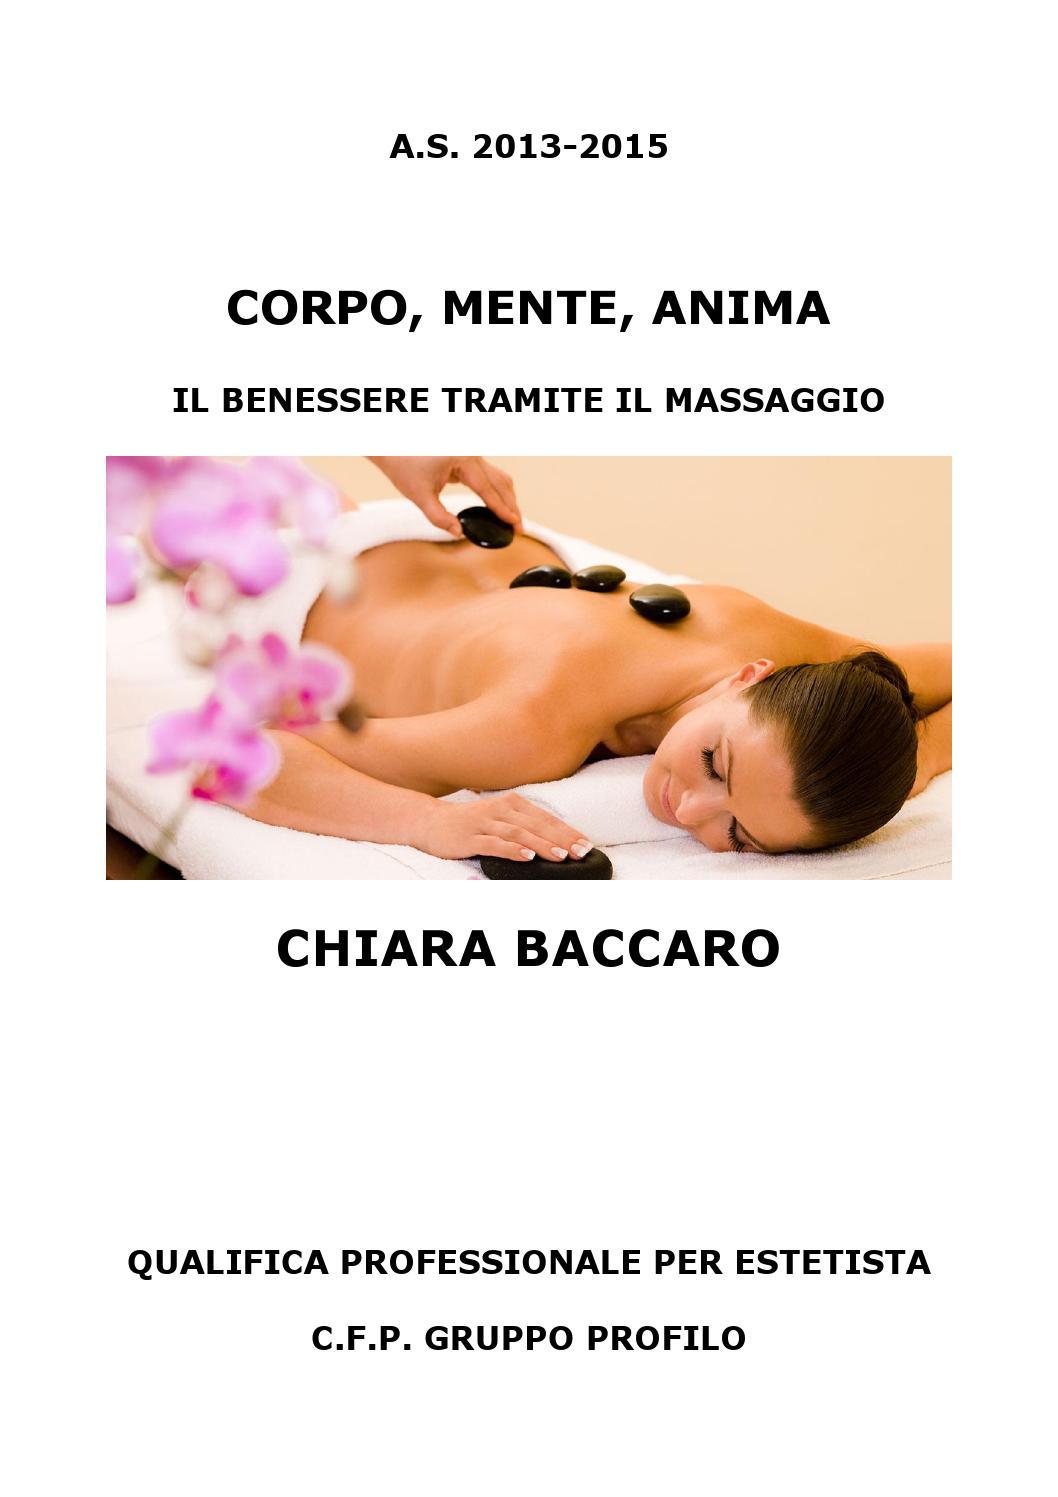 Tesina Chiara Baccaro Corpo Mente E Anima Il Benessere Tramite Il Massaggio By Sara Profilo Issuu